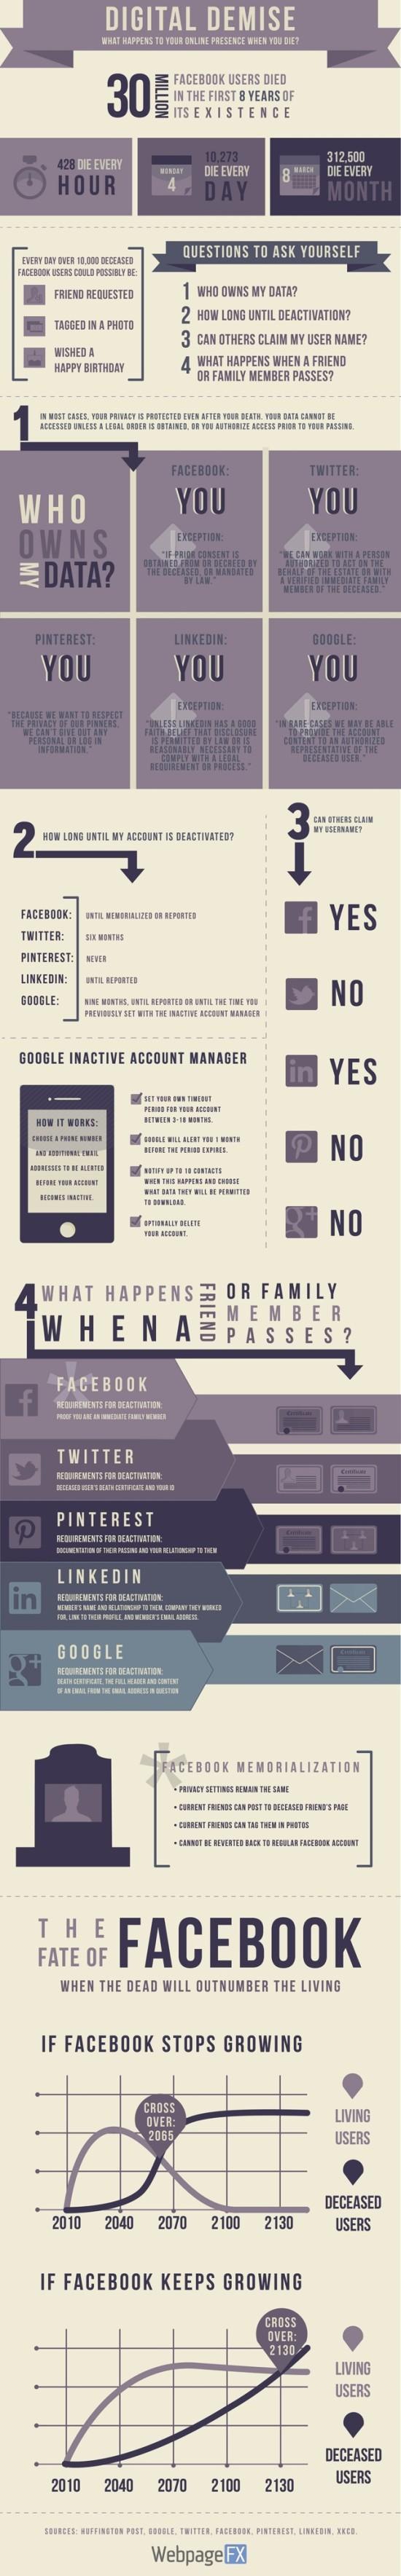 Mort réseaux sociaux